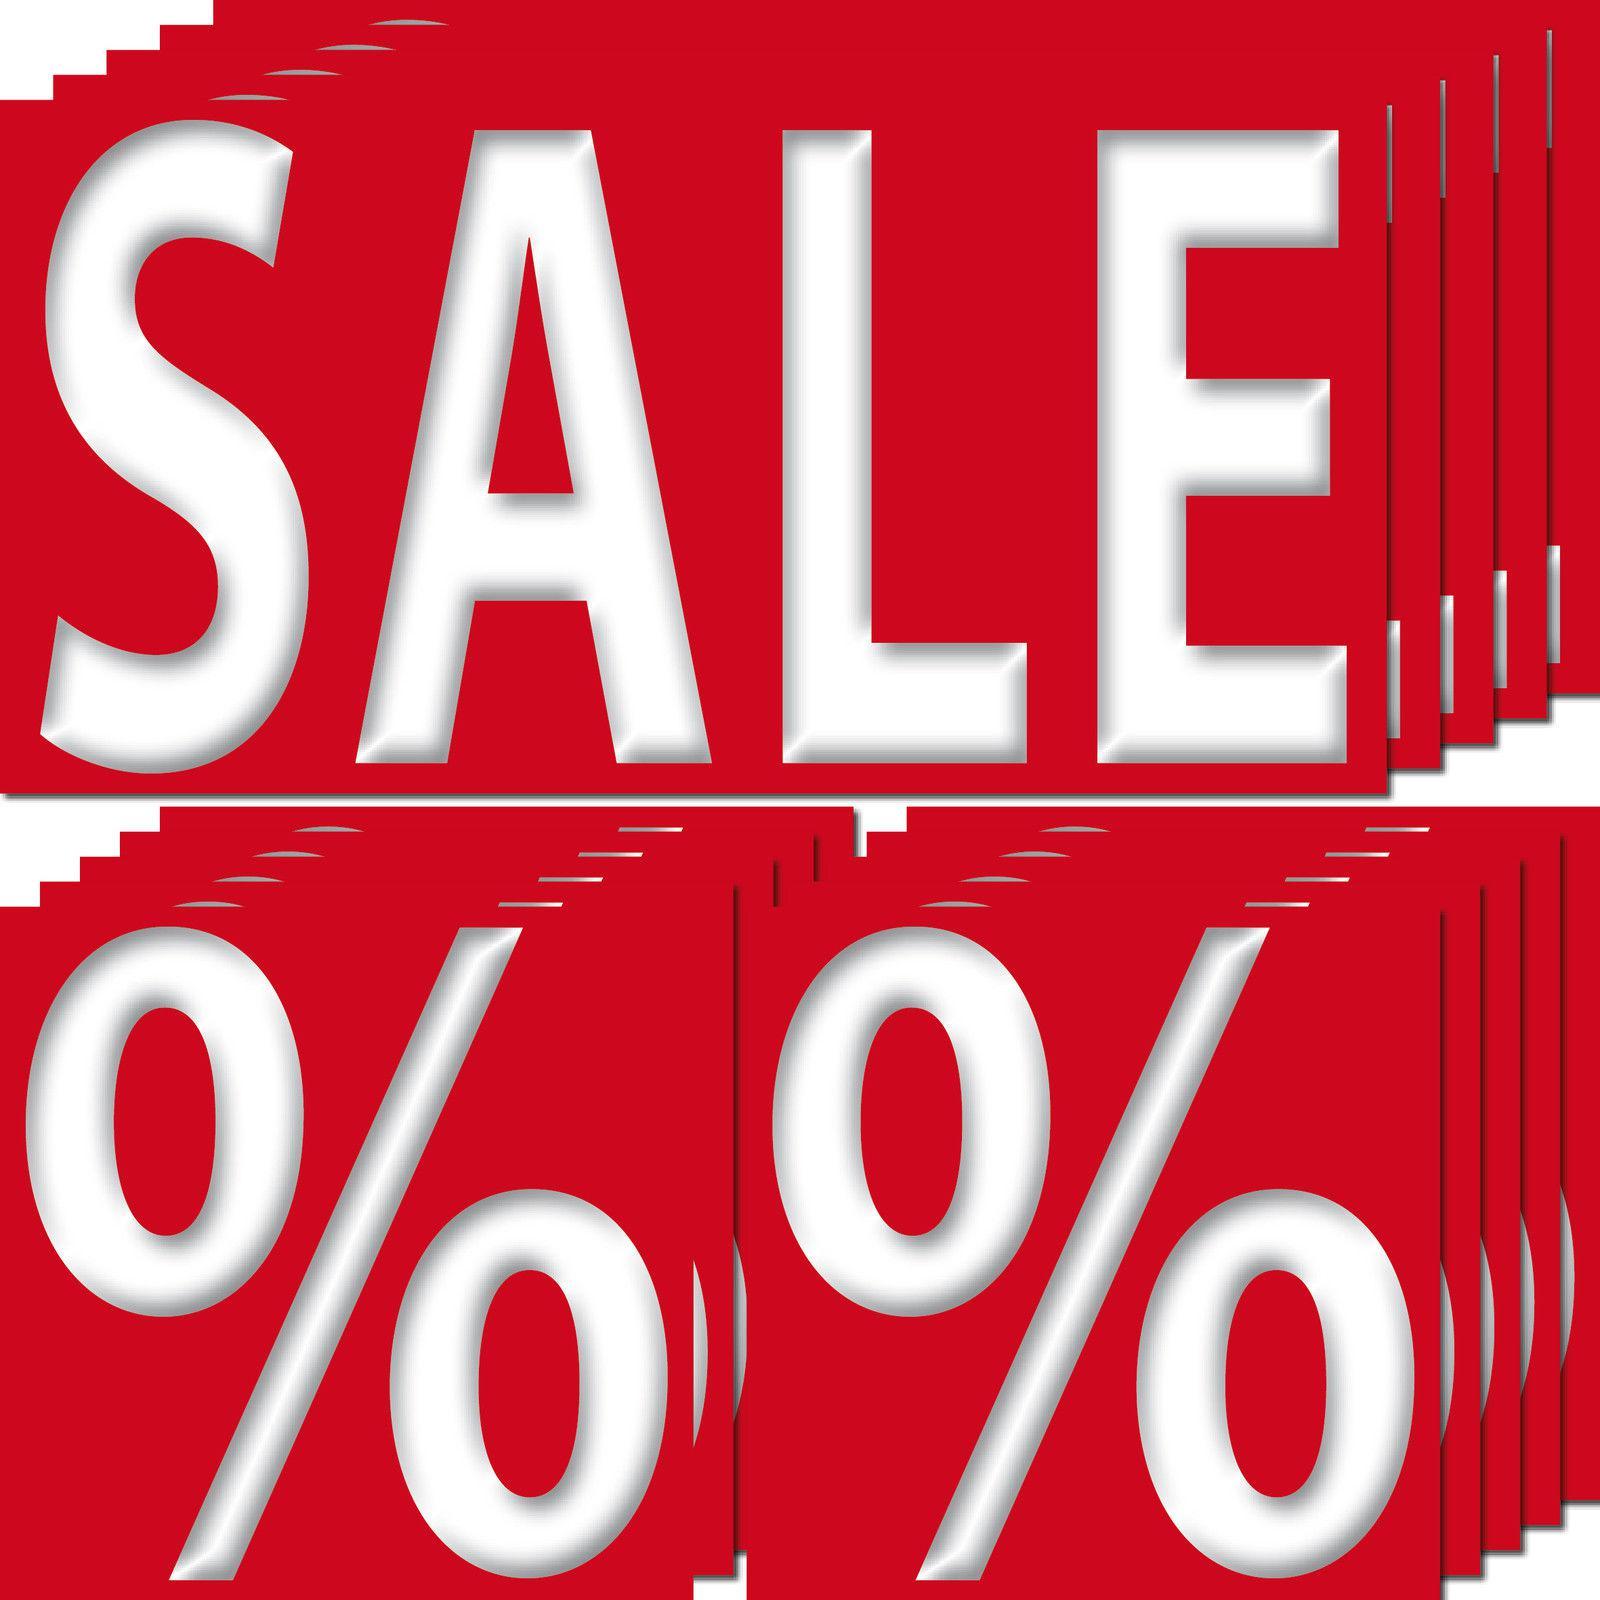 60 aufkleber sticker 20 sale 40 prozent preis rabatt aktion angebot ausverkauf kaufen bei. Black Bedroom Furniture Sets. Home Design Ideas